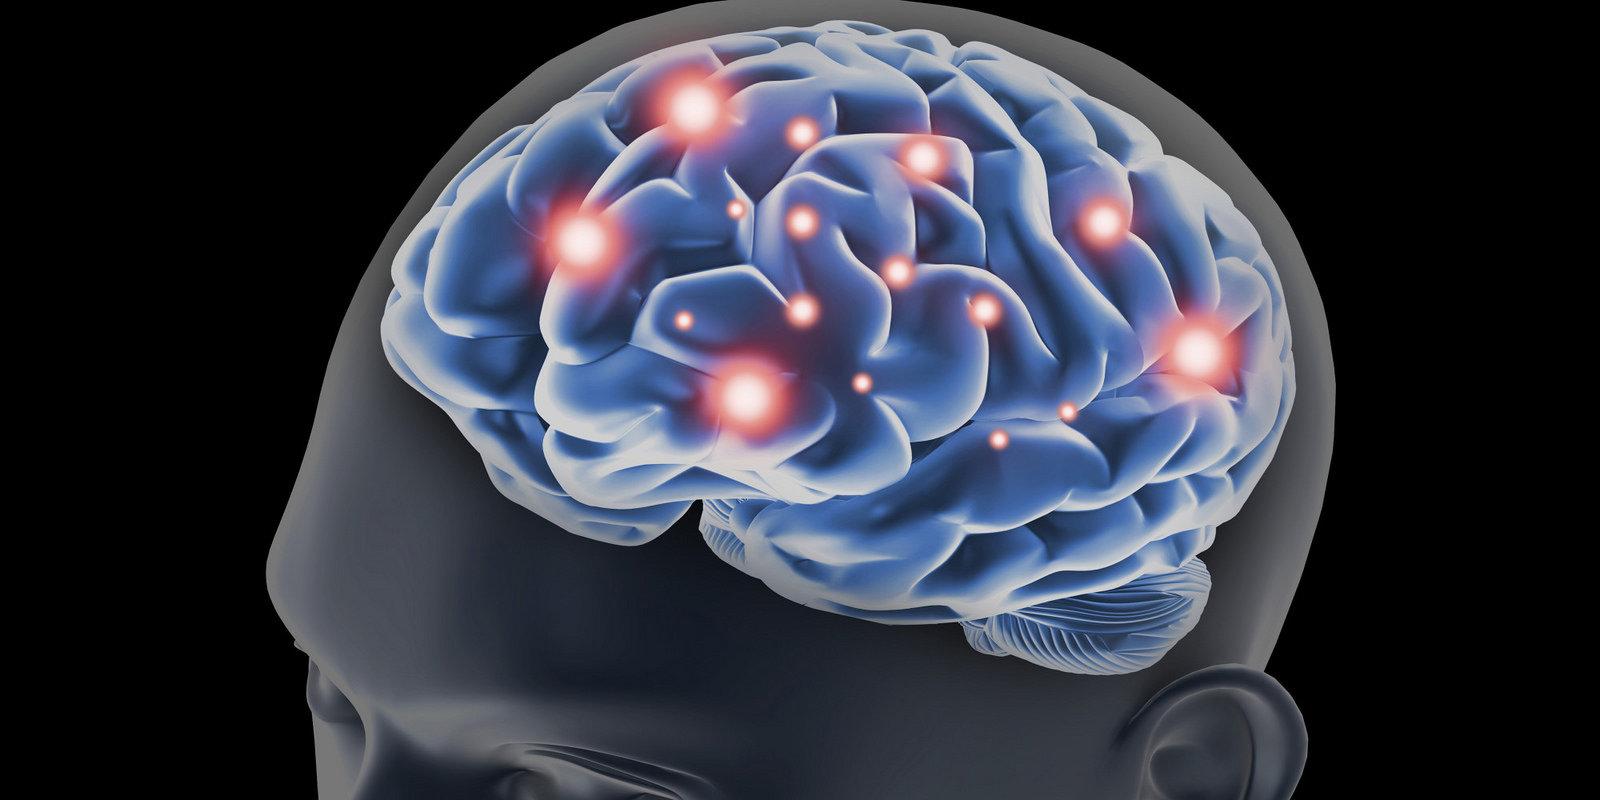 Ντοπαμίνη εθισμός εγκέφαλος: Πως μπορεί να μπει στοπ στις εξαρτήσεις